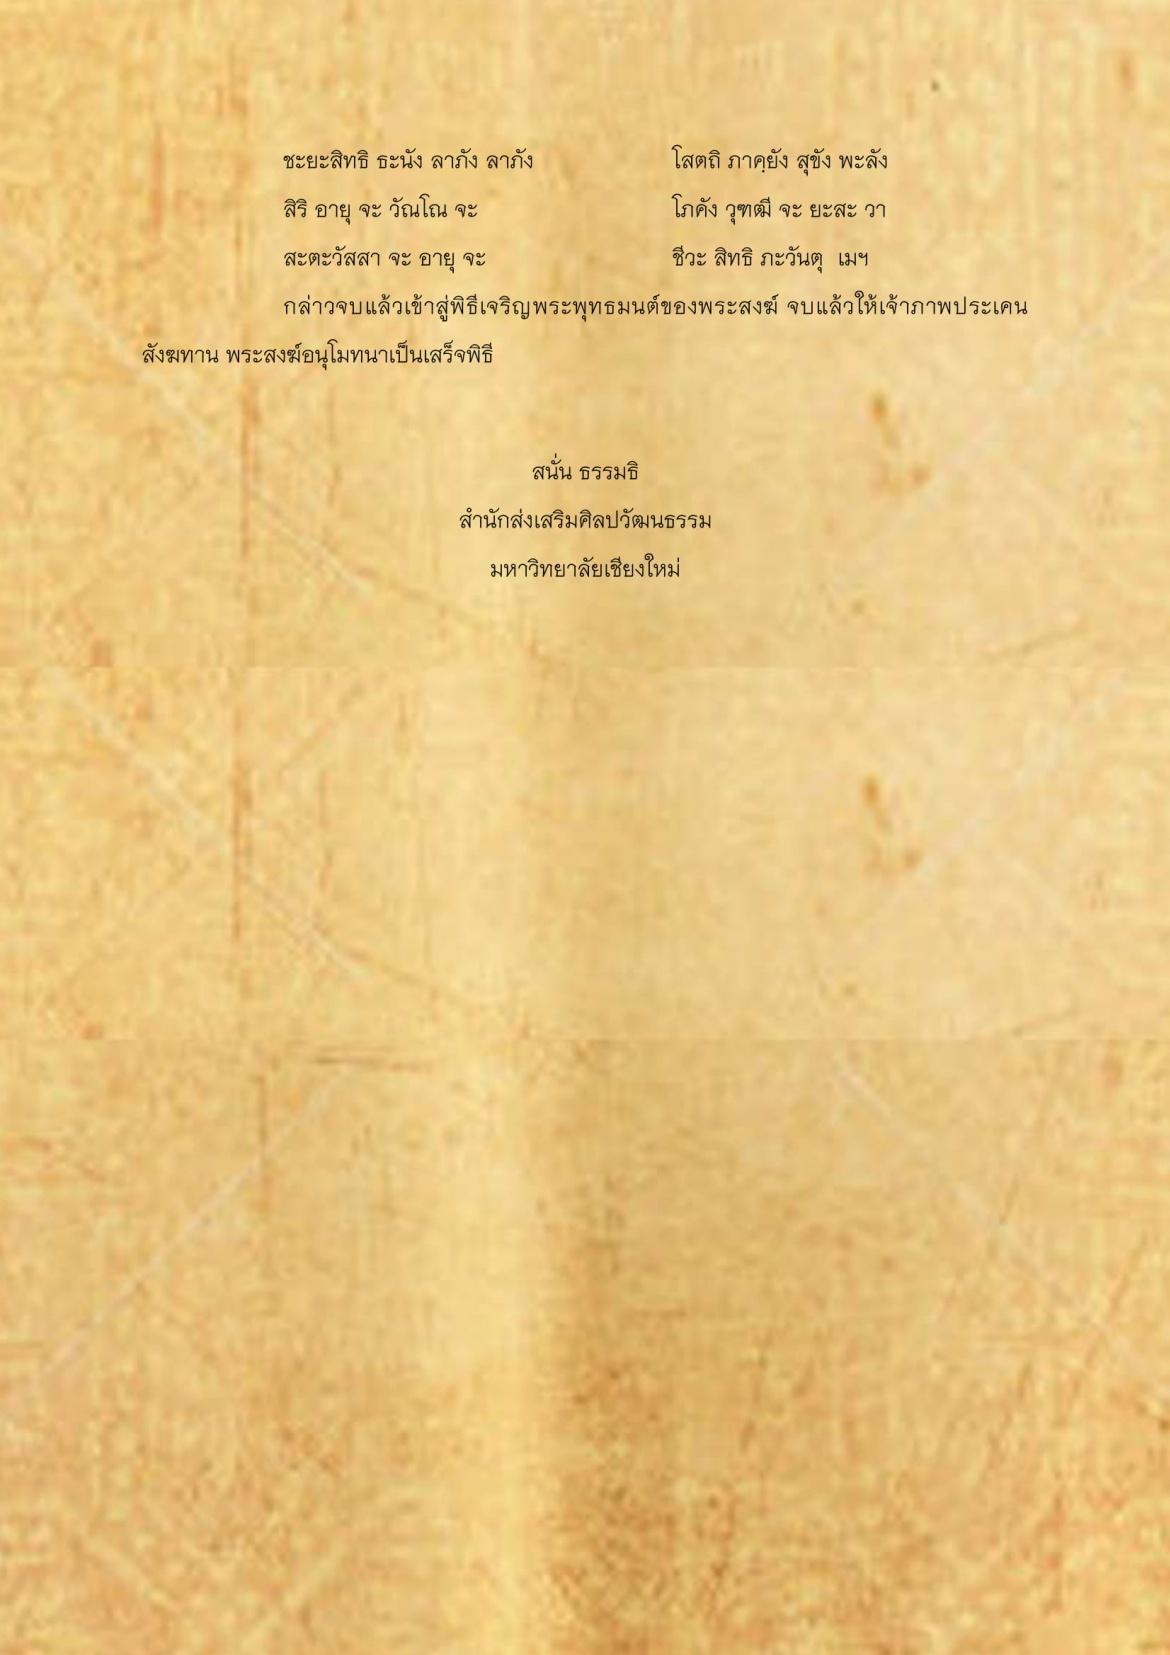 ปูชาเจเดีย์ทรายเก้าหลัง - 7 พฤษภาคม 2561